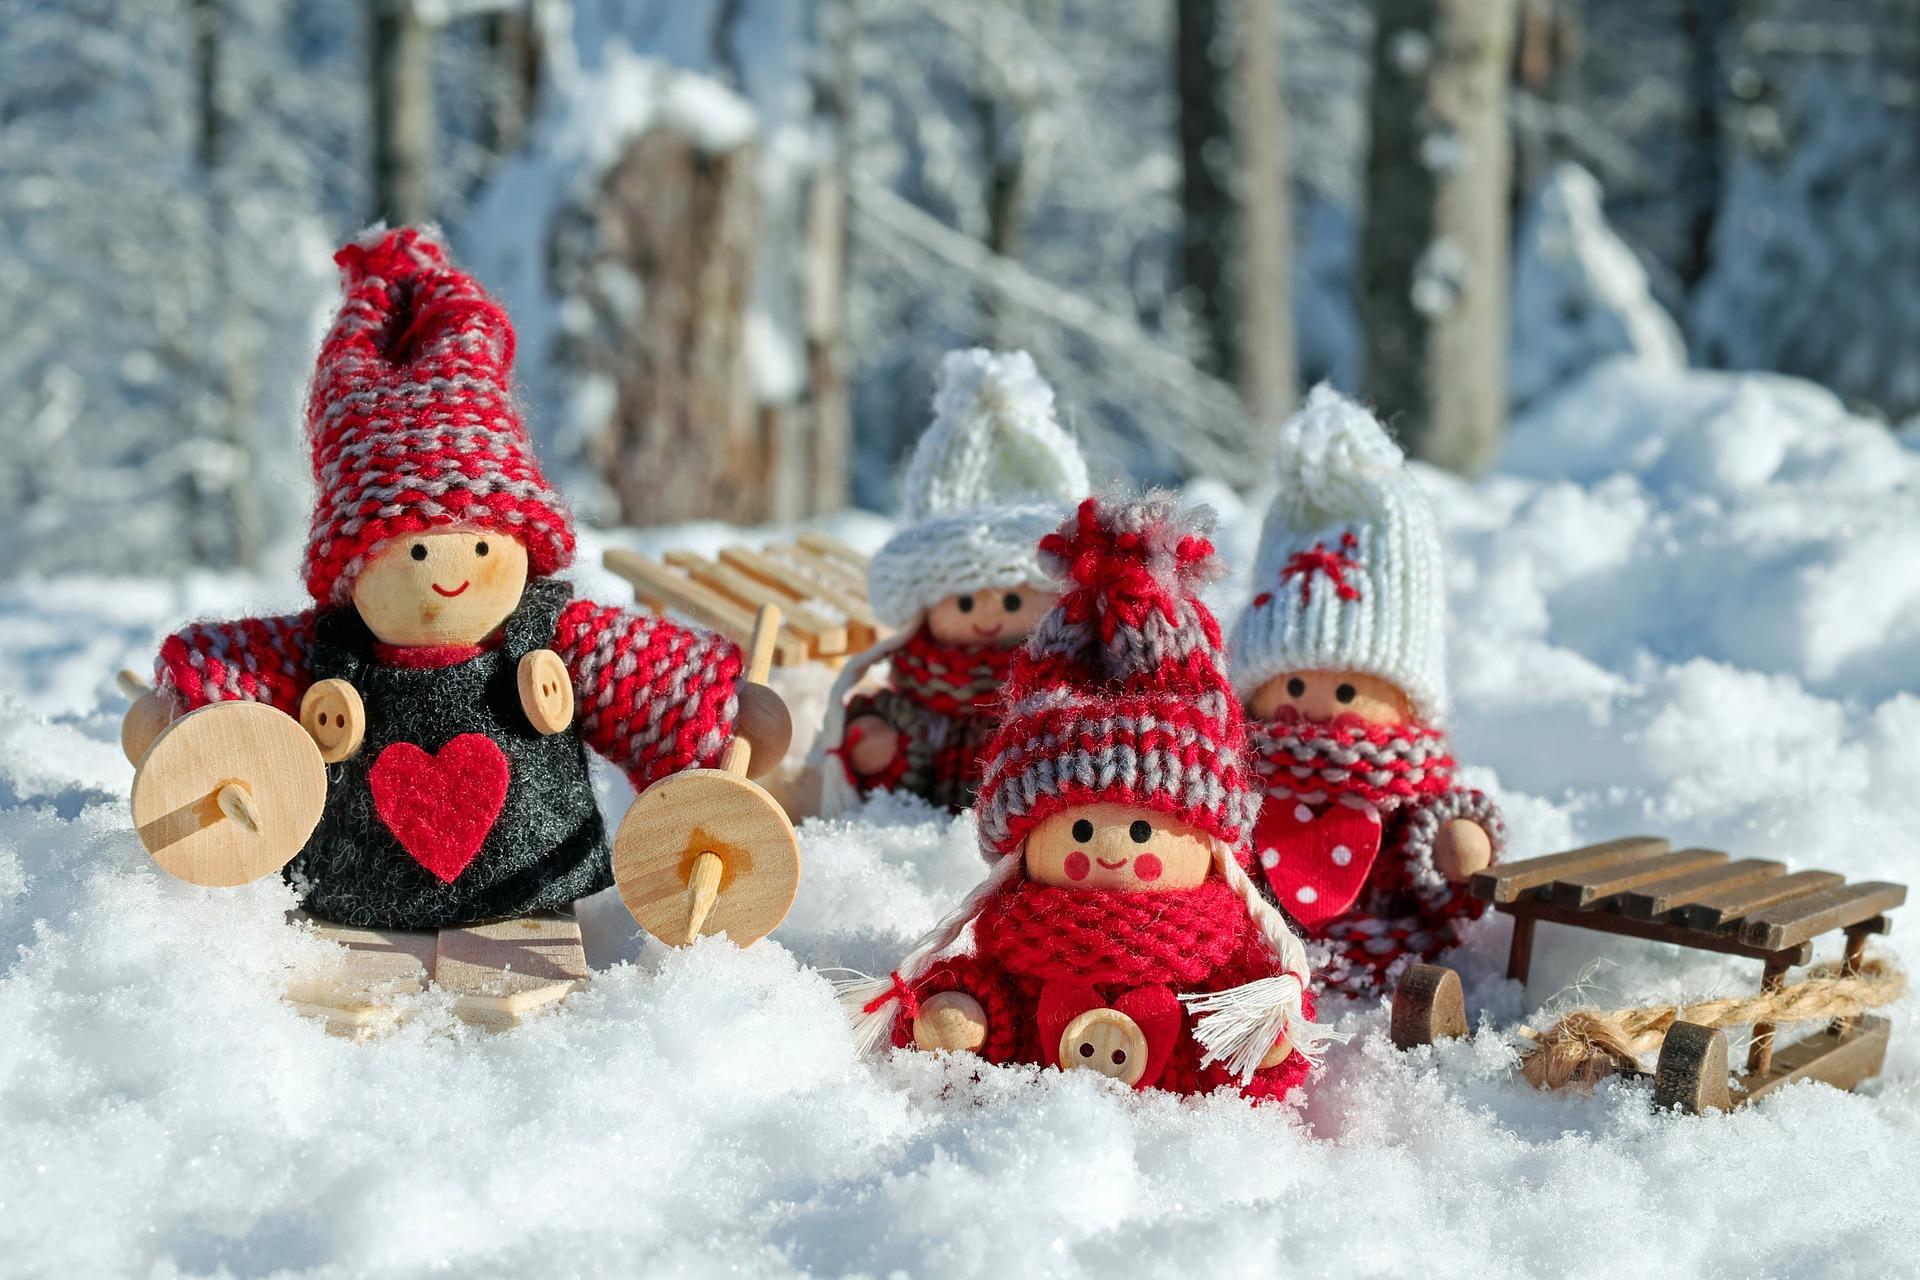 Zwyczaje bożonarodzeniowe w Niemczech i Szwajcarii